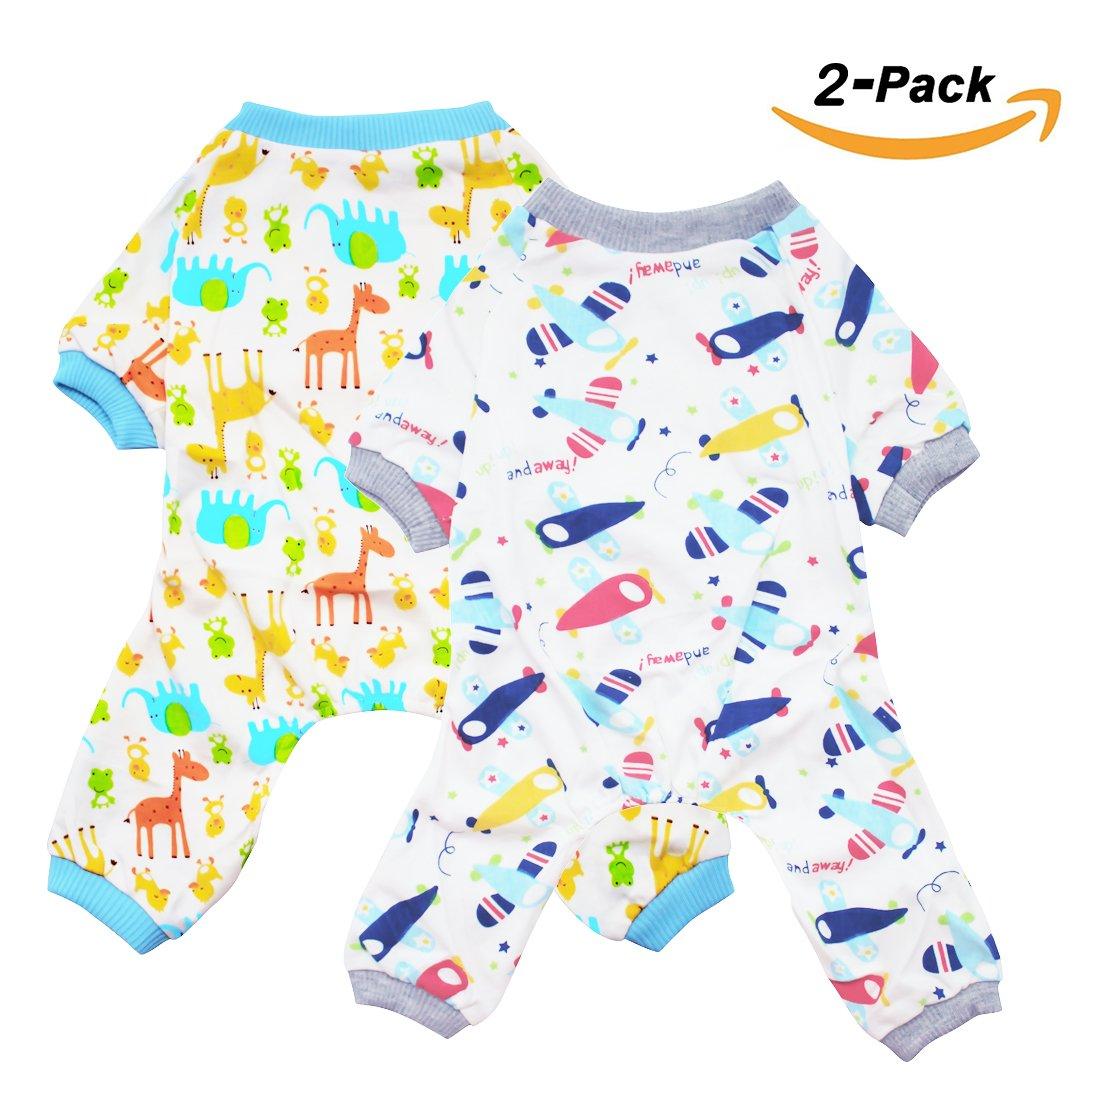 Scheppend Pyjamas de chien de chien Combinaisons confortables Maillots de bain pour b¨¦b¨¦ pour petit moyen 2 paquets